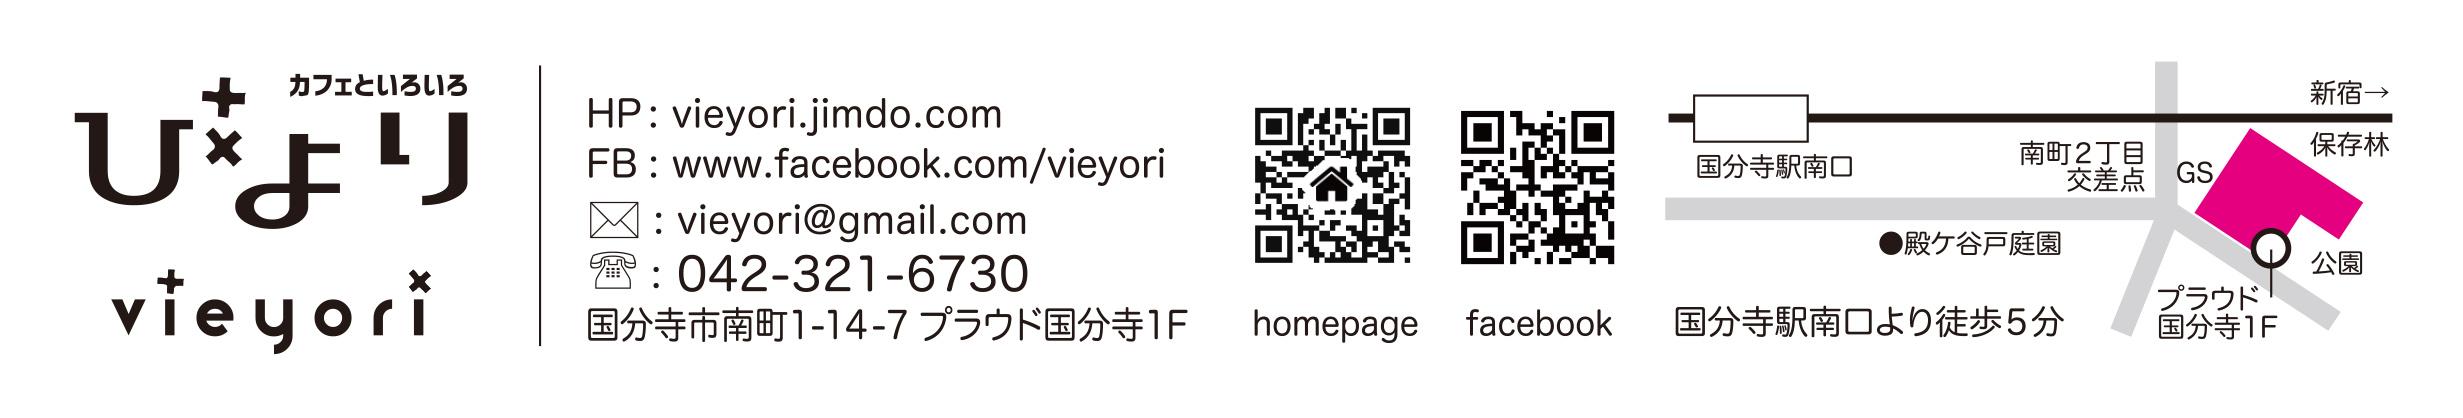 次回びよりのメニュー☆_b0290647_18295034.jpg